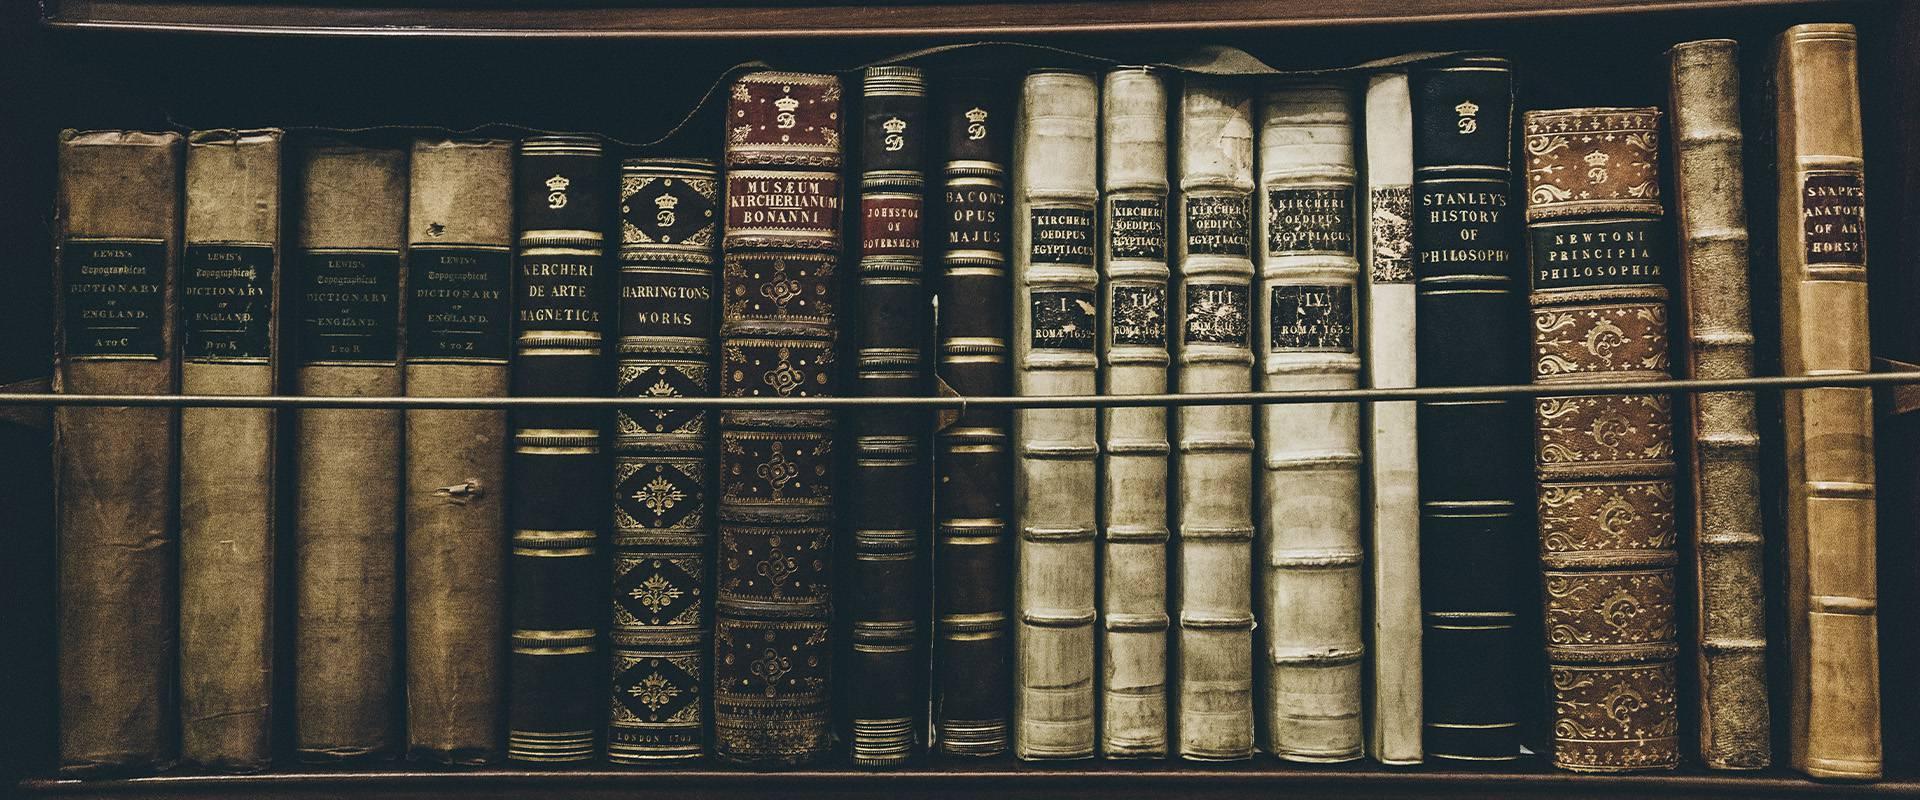 Die Kronik, Bücher in der Bibliothek. Wrohm-Dithmarschen